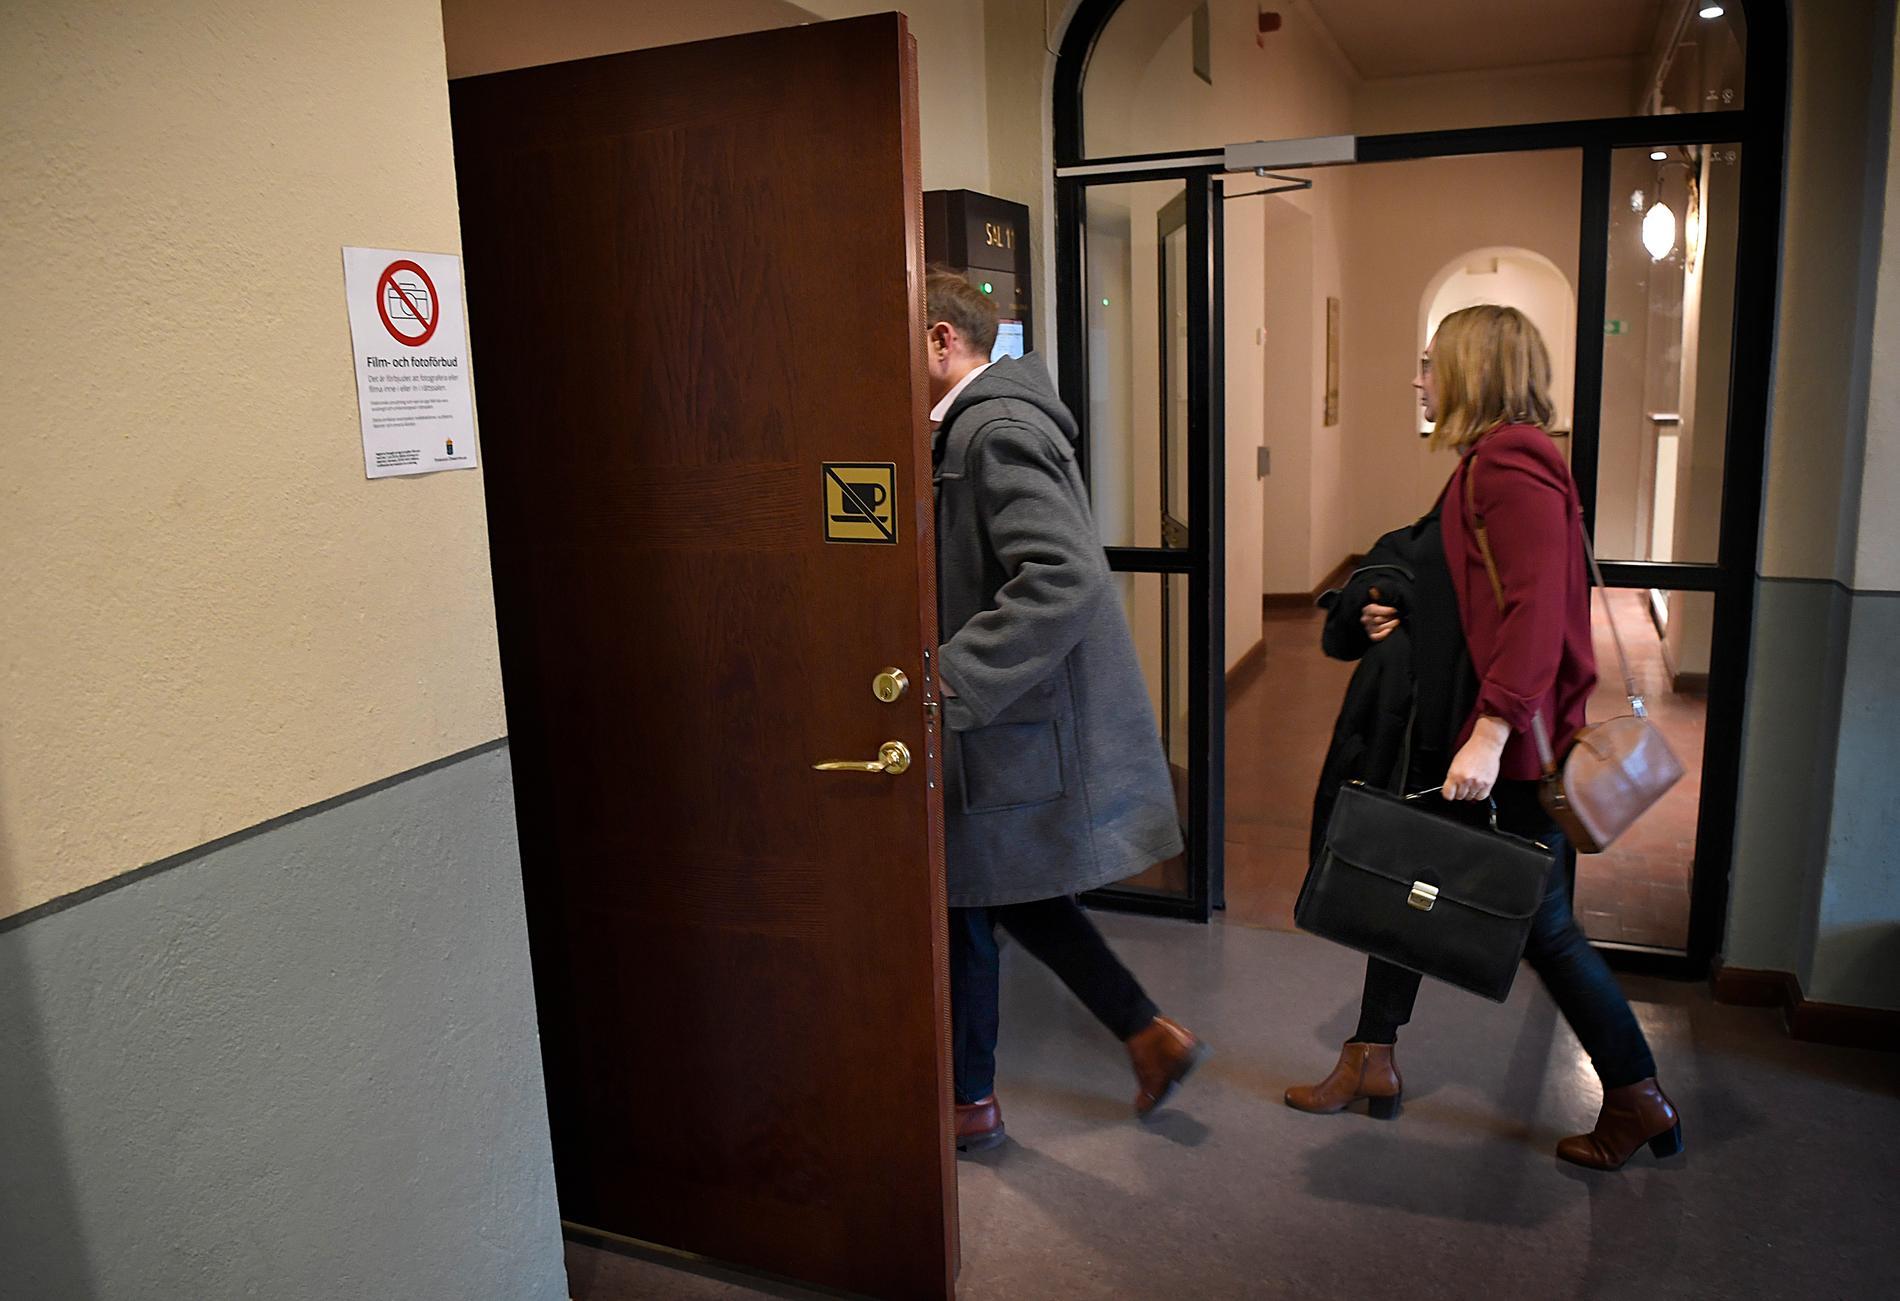 Advokat Kristina Wanhainen på väg in i rättegångssalen.